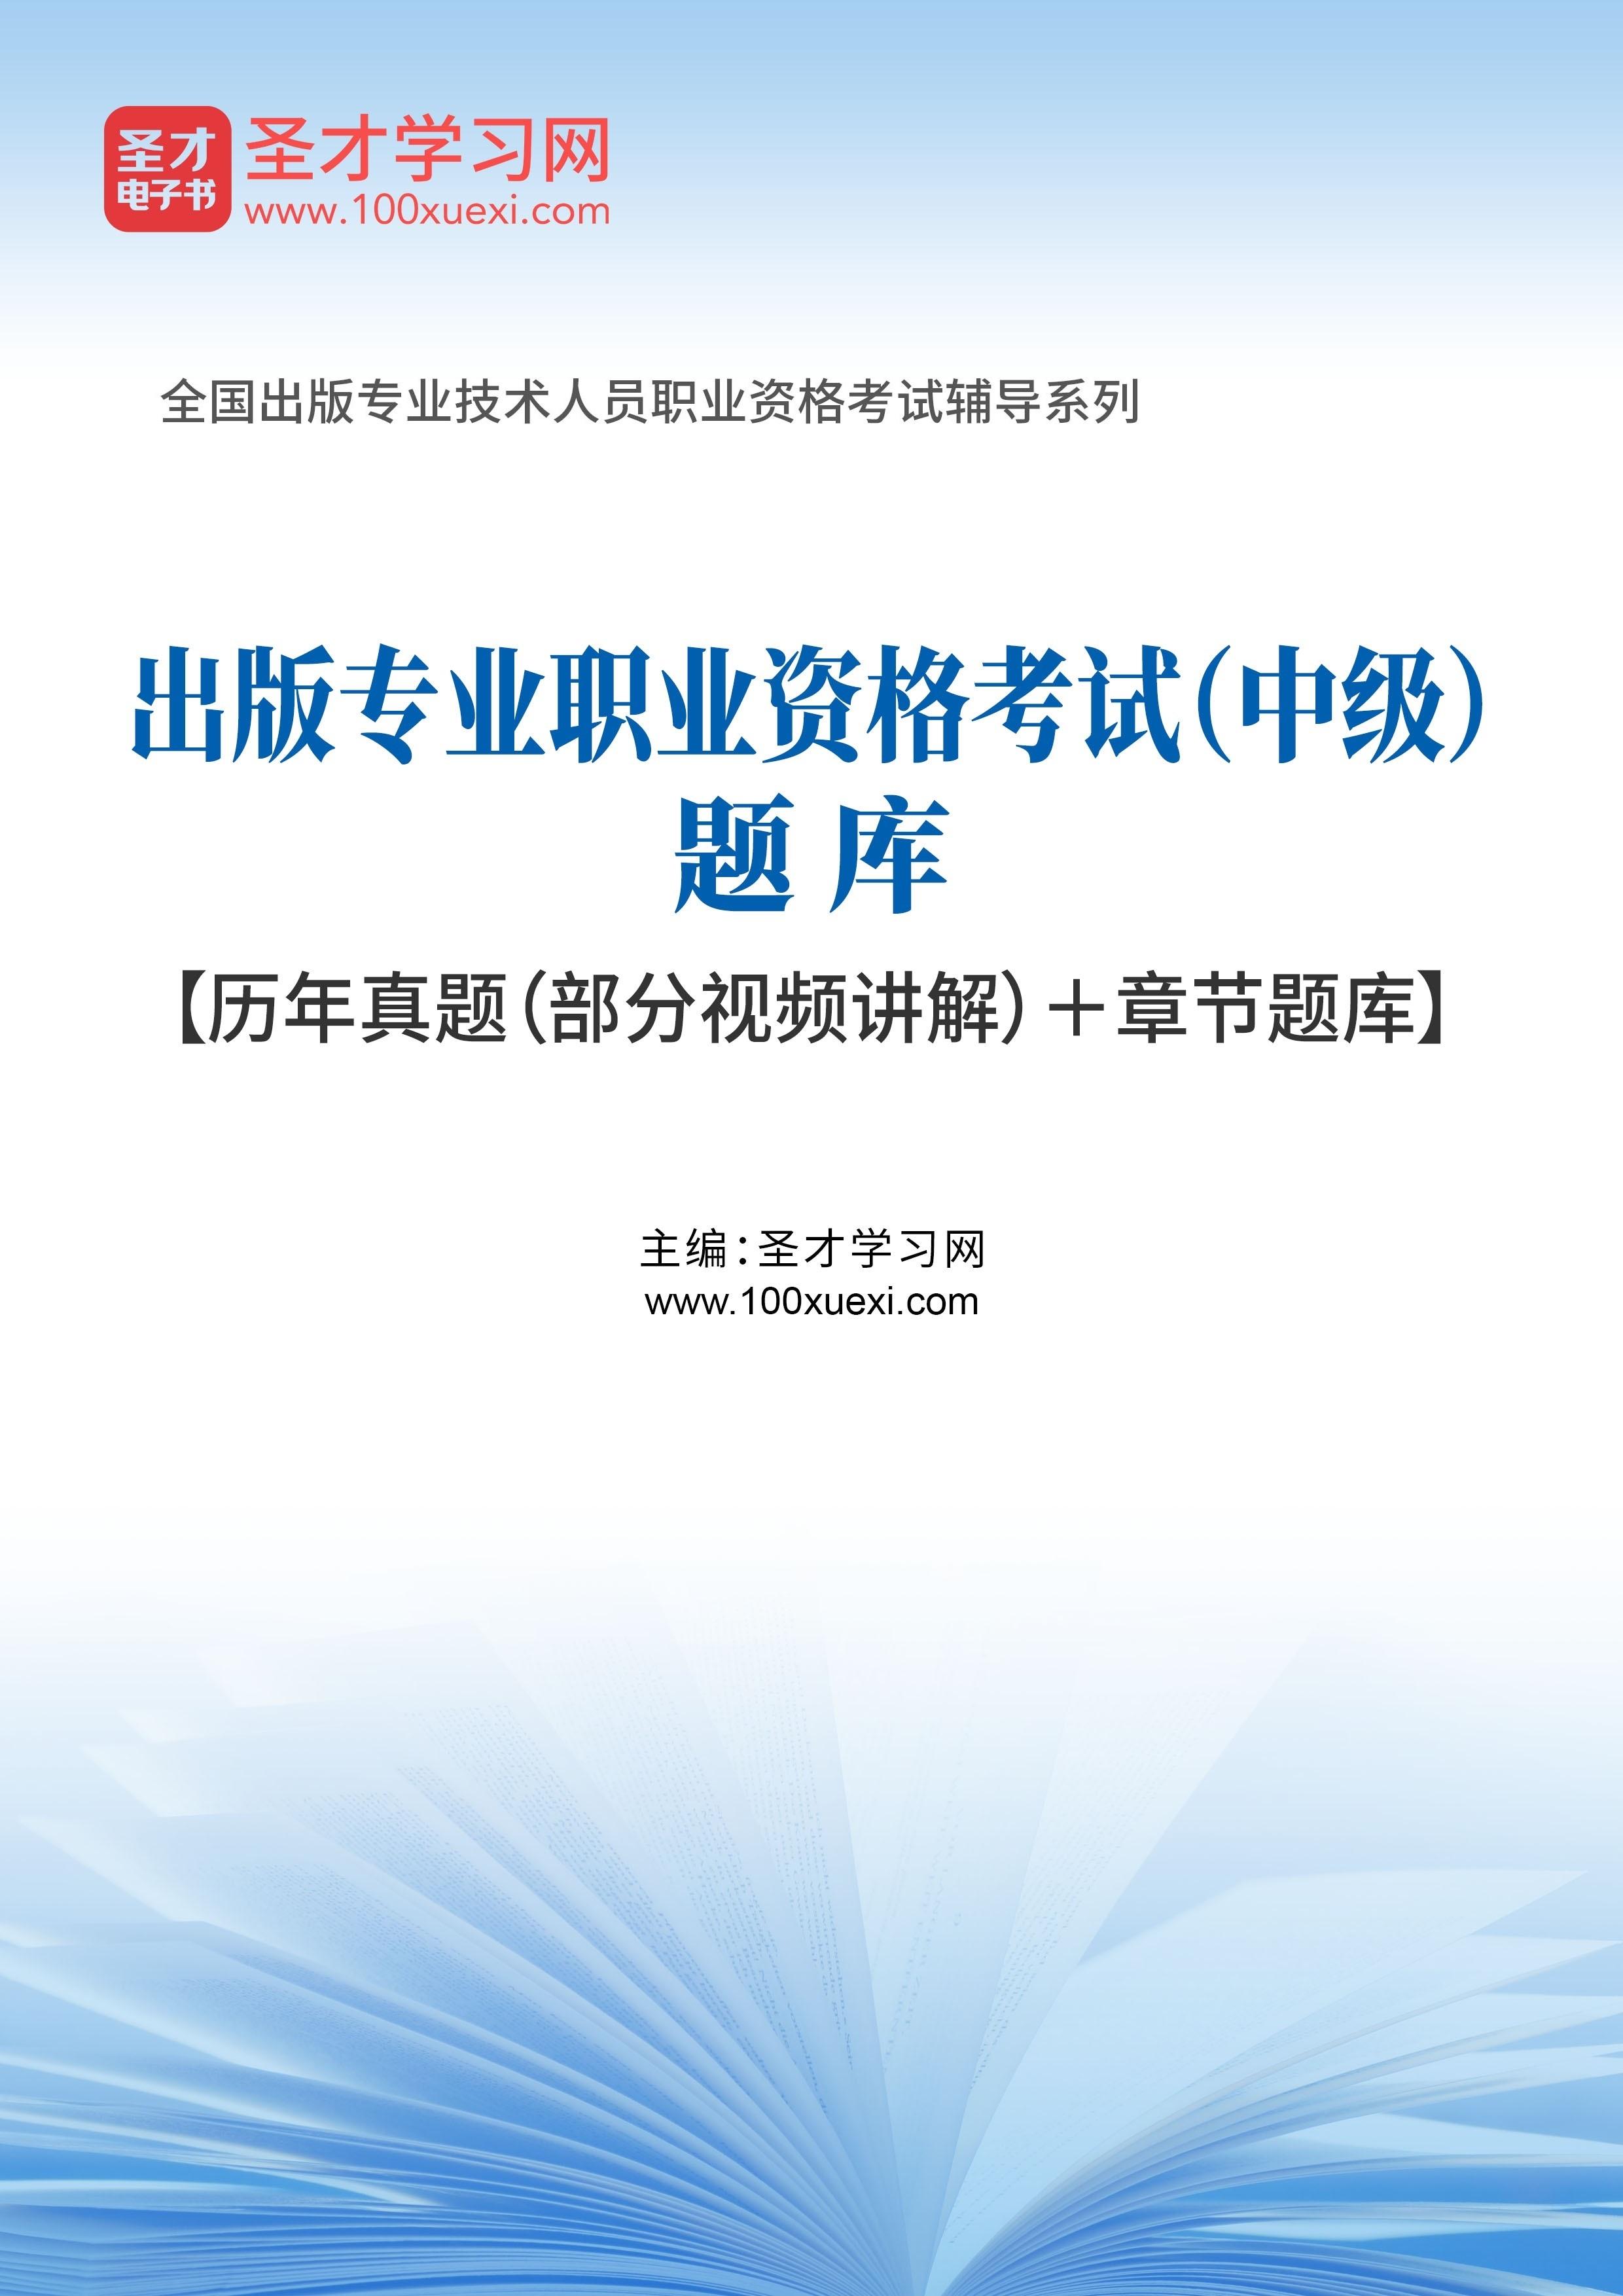 2021年出版专业职业资格考试(中级)题库【历年真题(部分视频讲解)+章节题库】